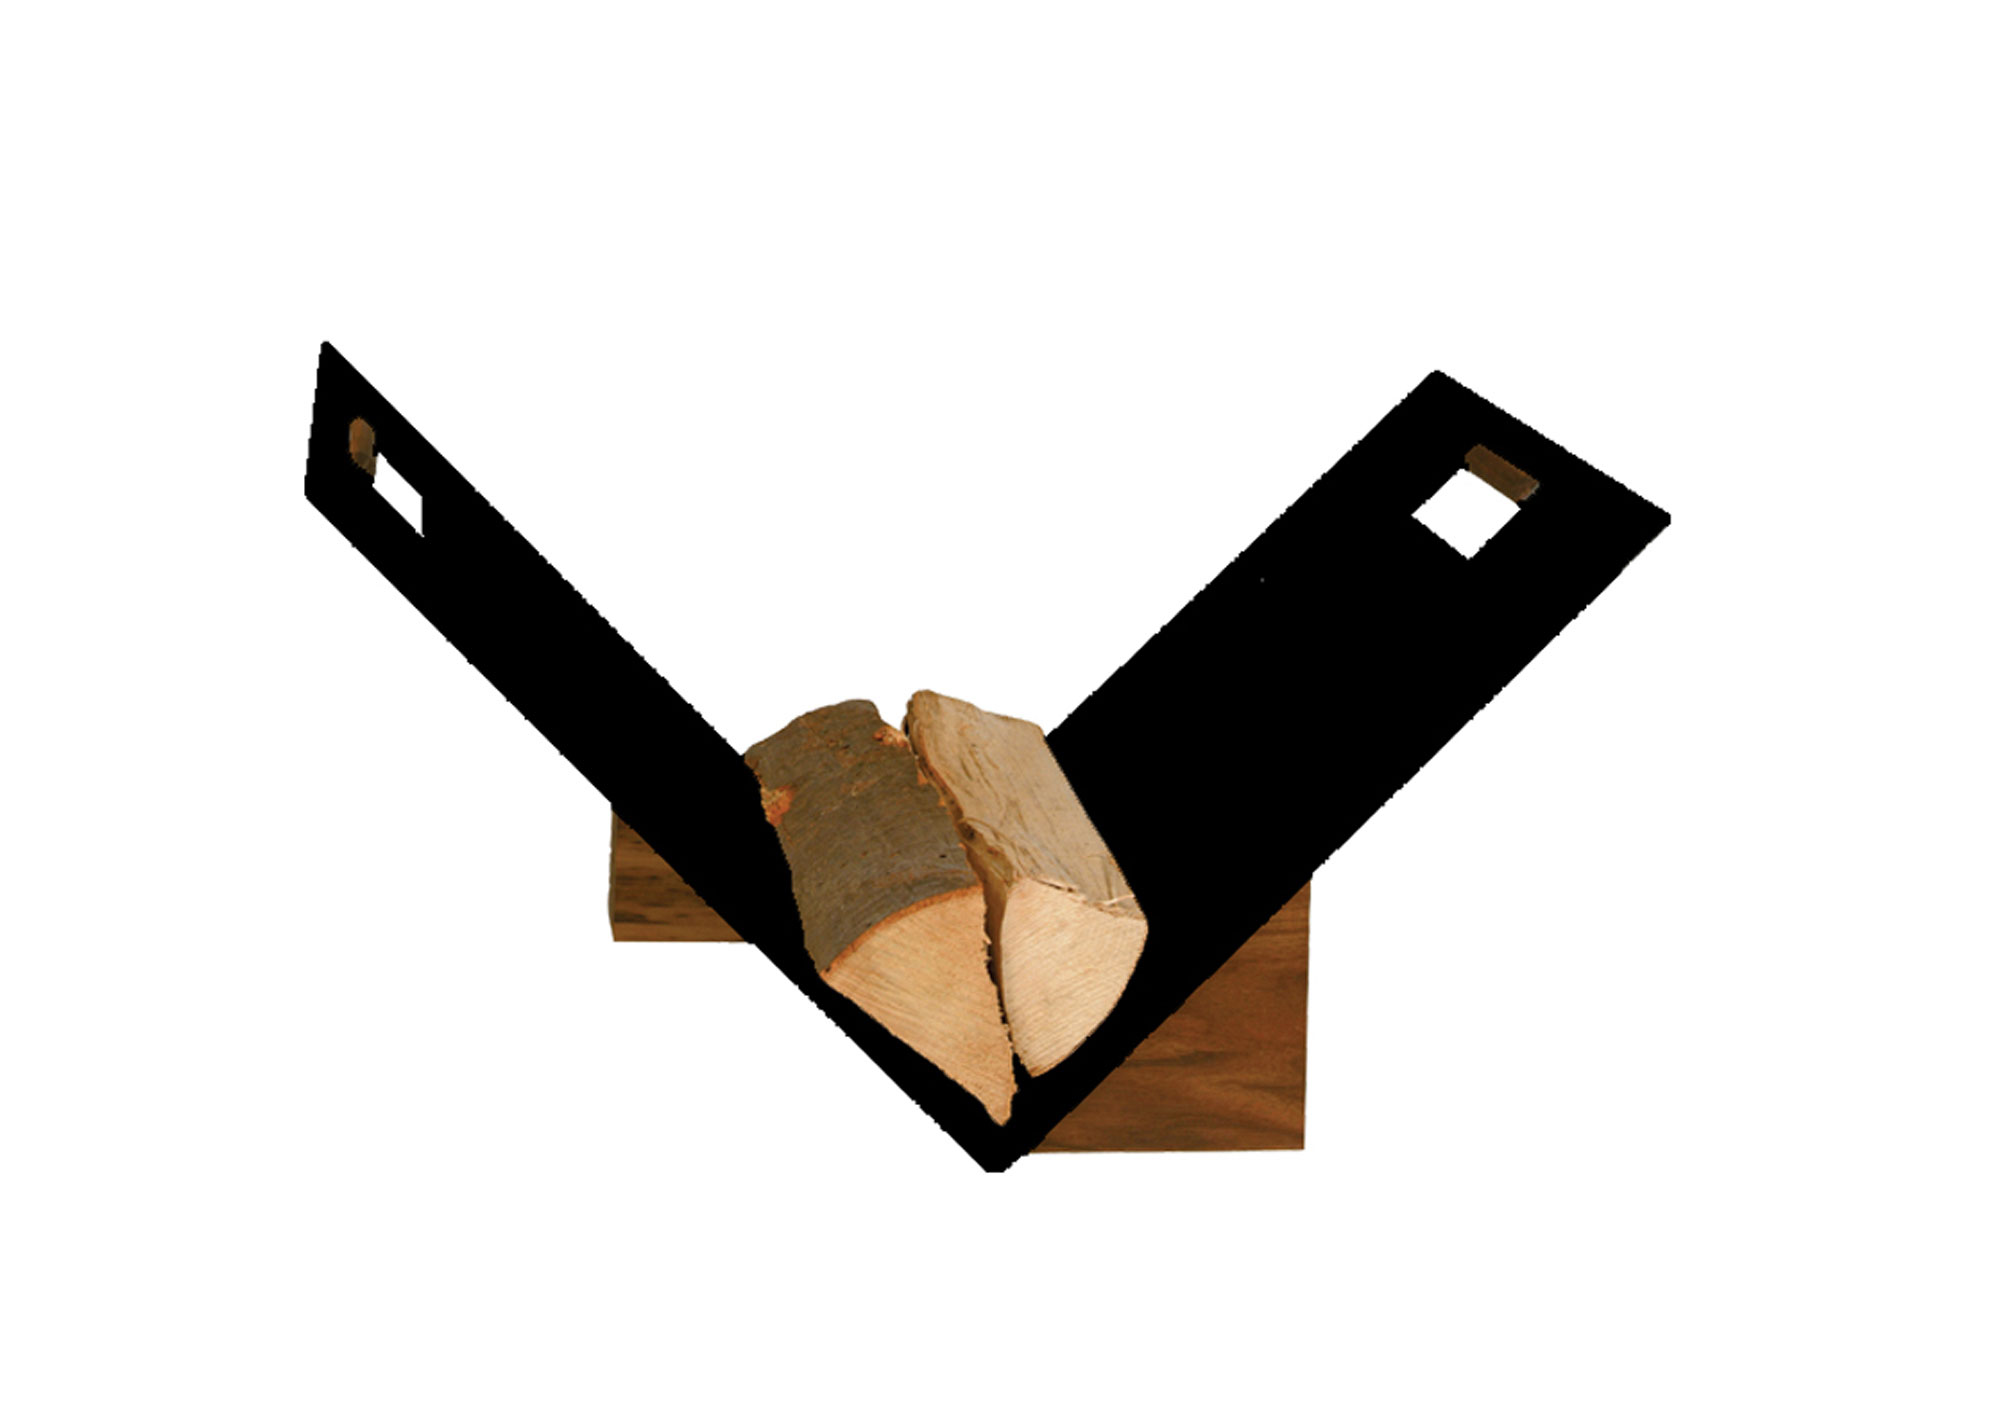 Holzkorb / Holzlege Lienbacher schwarz beschichtet 60x38x44cm Bild 1